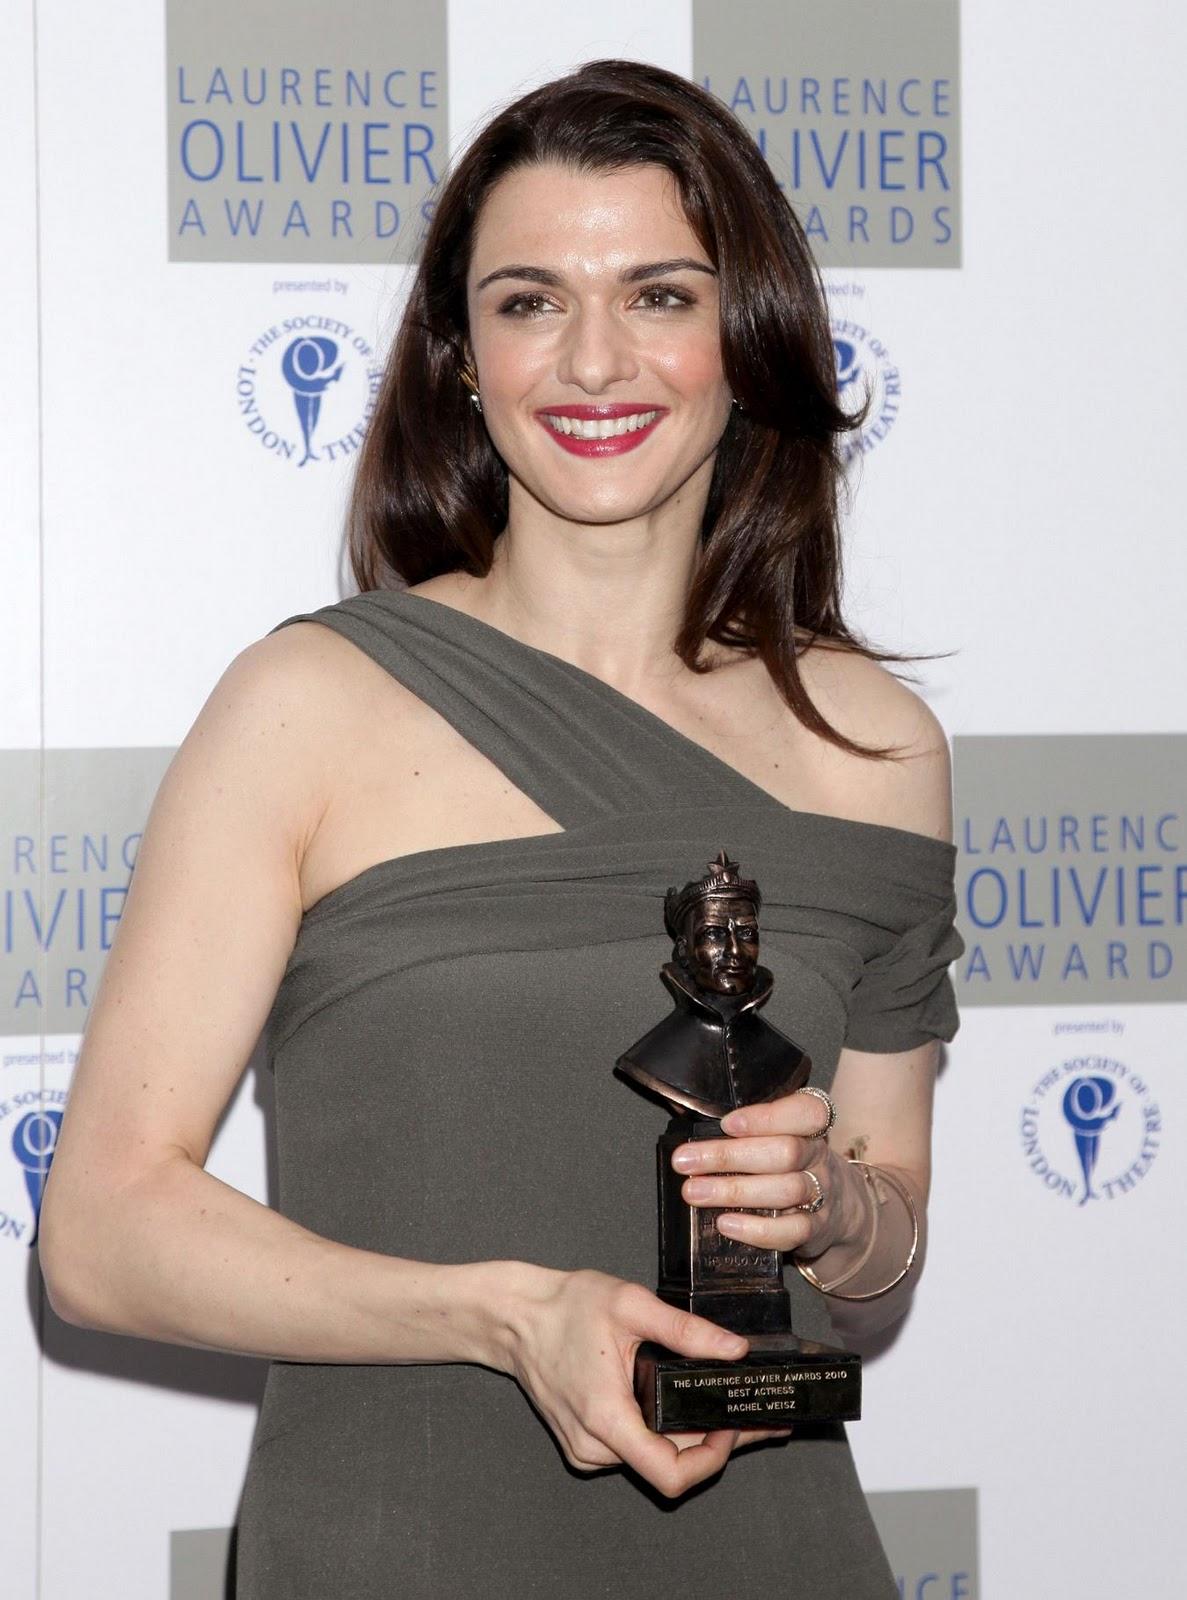 http://2.bp.blogspot.com/_uMuIGJajfdg/TULGVqAGdzI/AAAAAAAAHWs/zJL-mX4A3no/s1600/Hot_Rachel_Weisz_pics_from_Laurence_Olivier_Awards%2B1.jpg